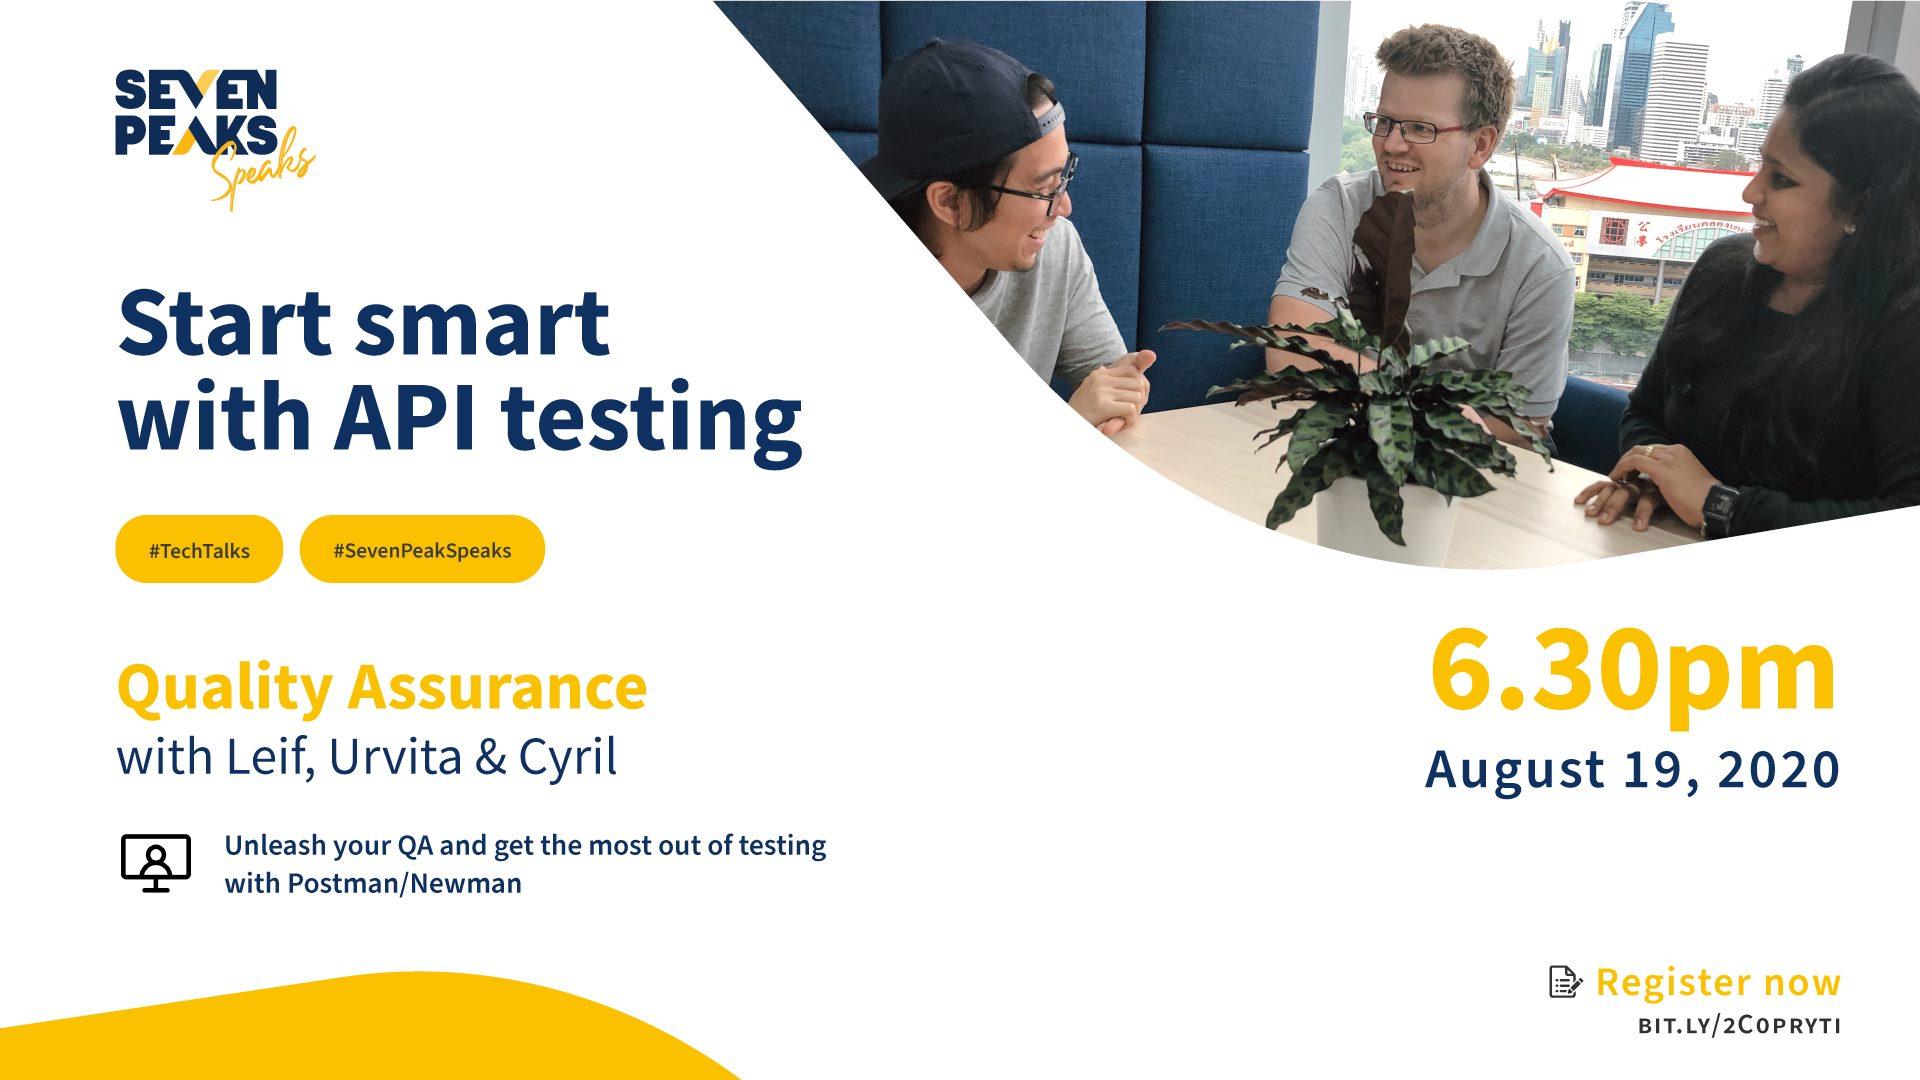 Seven Peaks Speaks Start smart with API testing